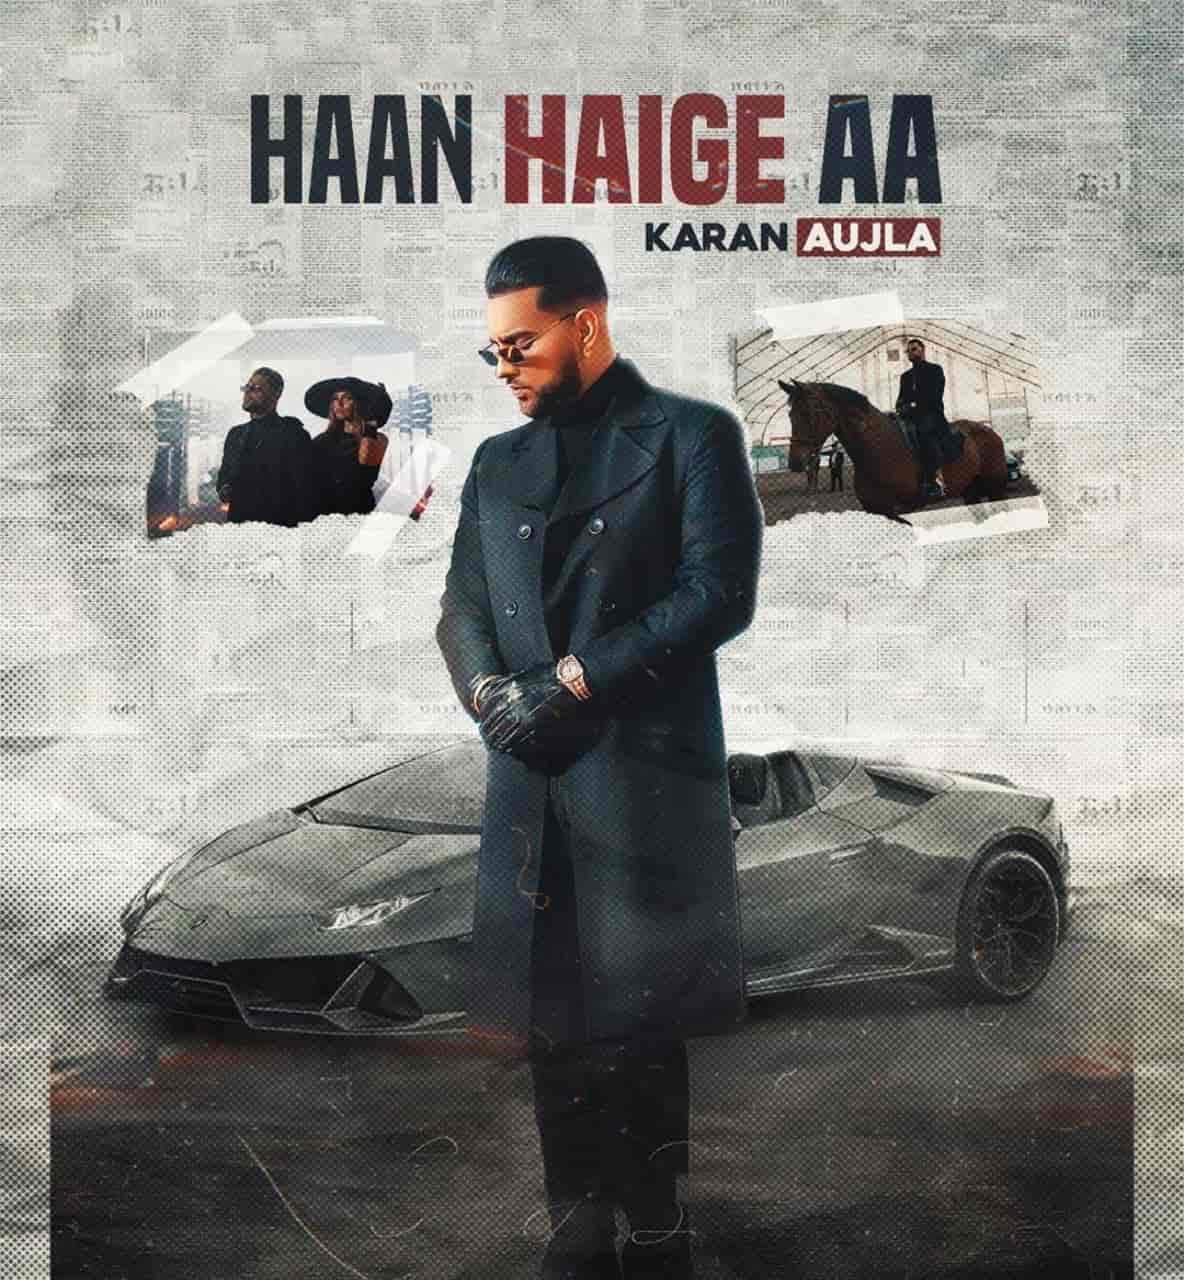 Haan Haige Aa Punjabi Song Image By Karan Aujla